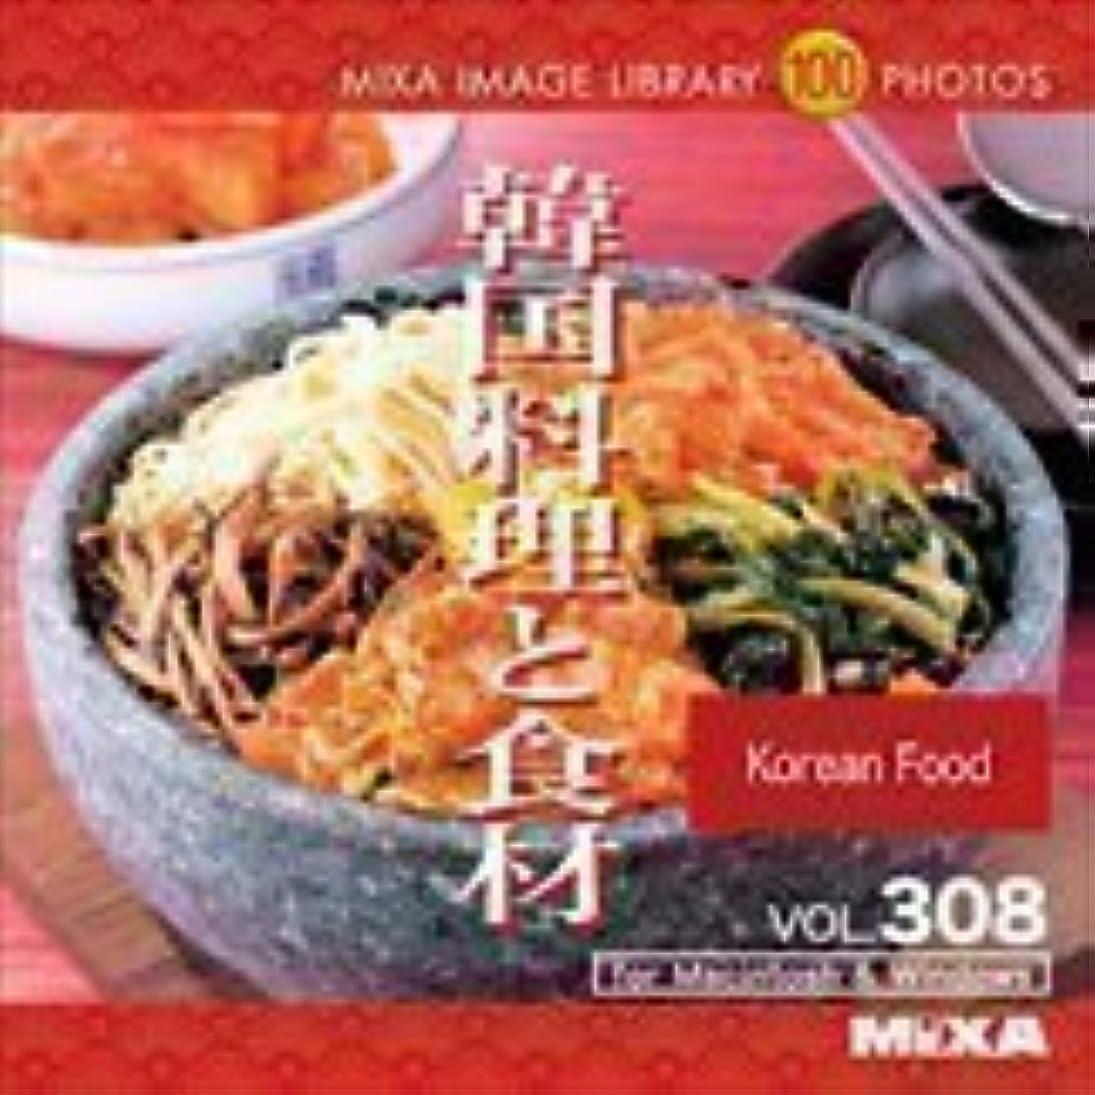 委員会トリプル先住民MIXA IMAGE LIBRARY Vol.308 韓国料理と食材